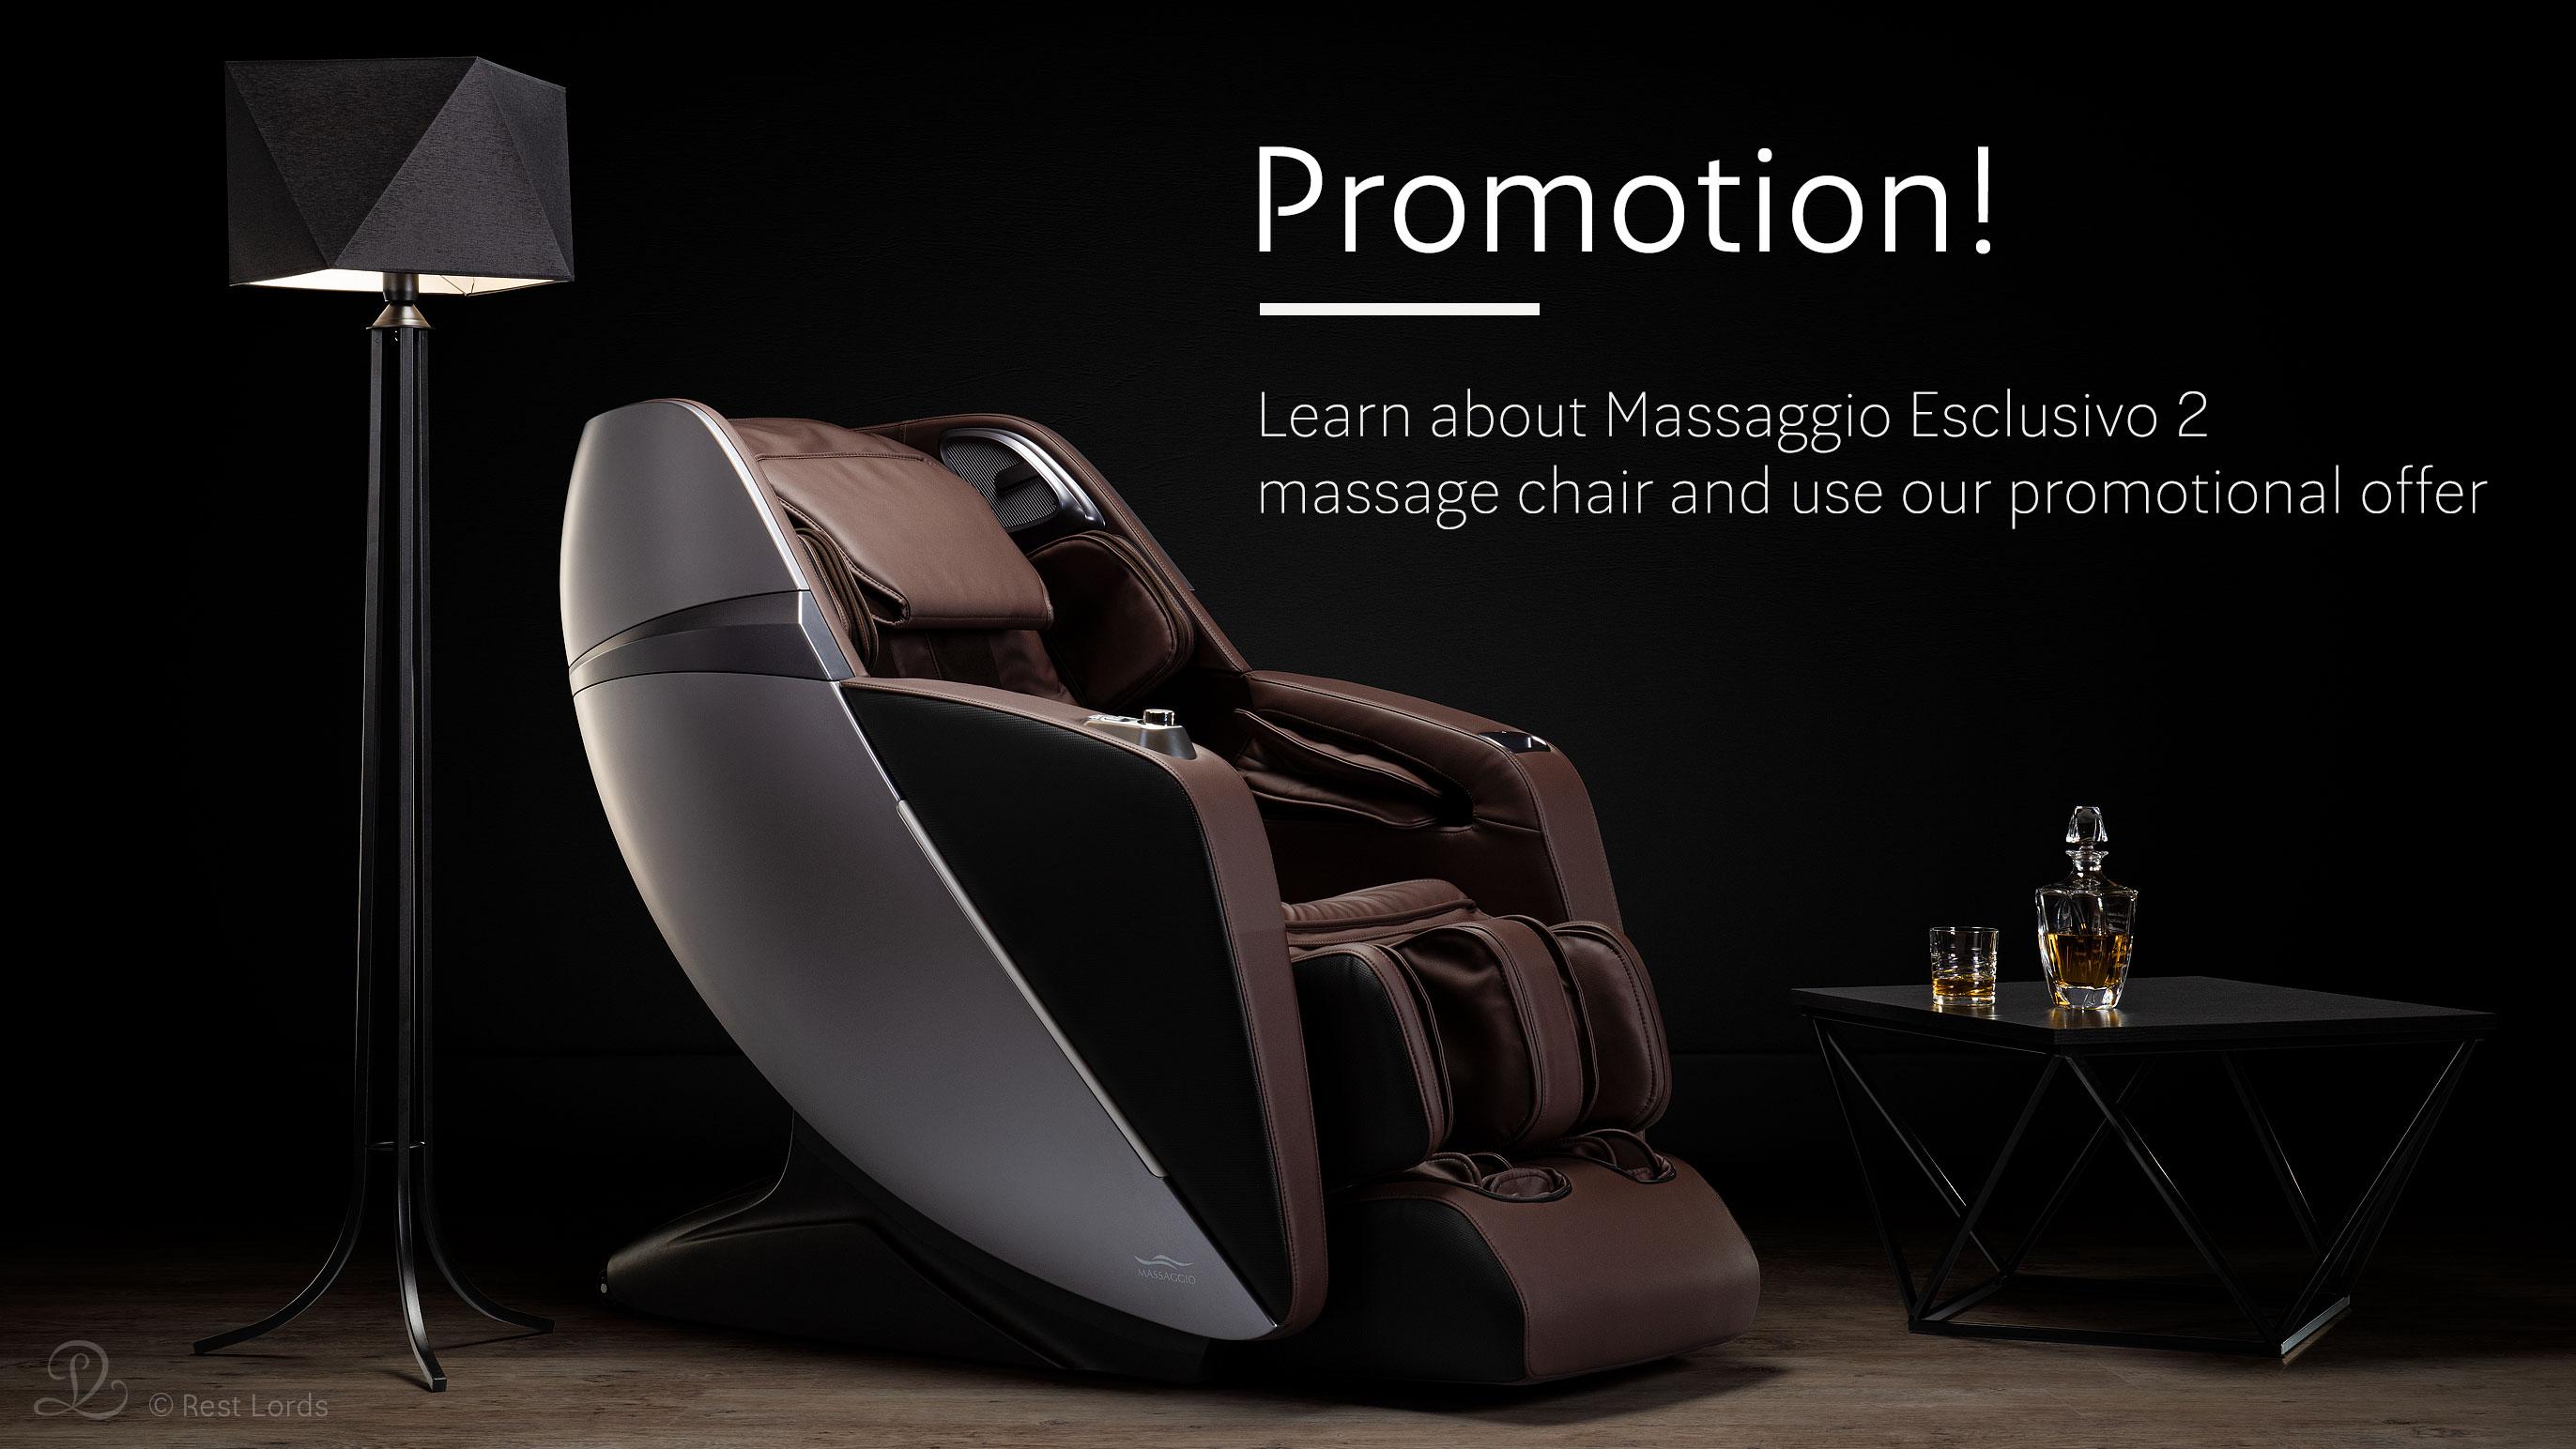 Massage chair Massaggio Esclusivo 2 on sale promotion